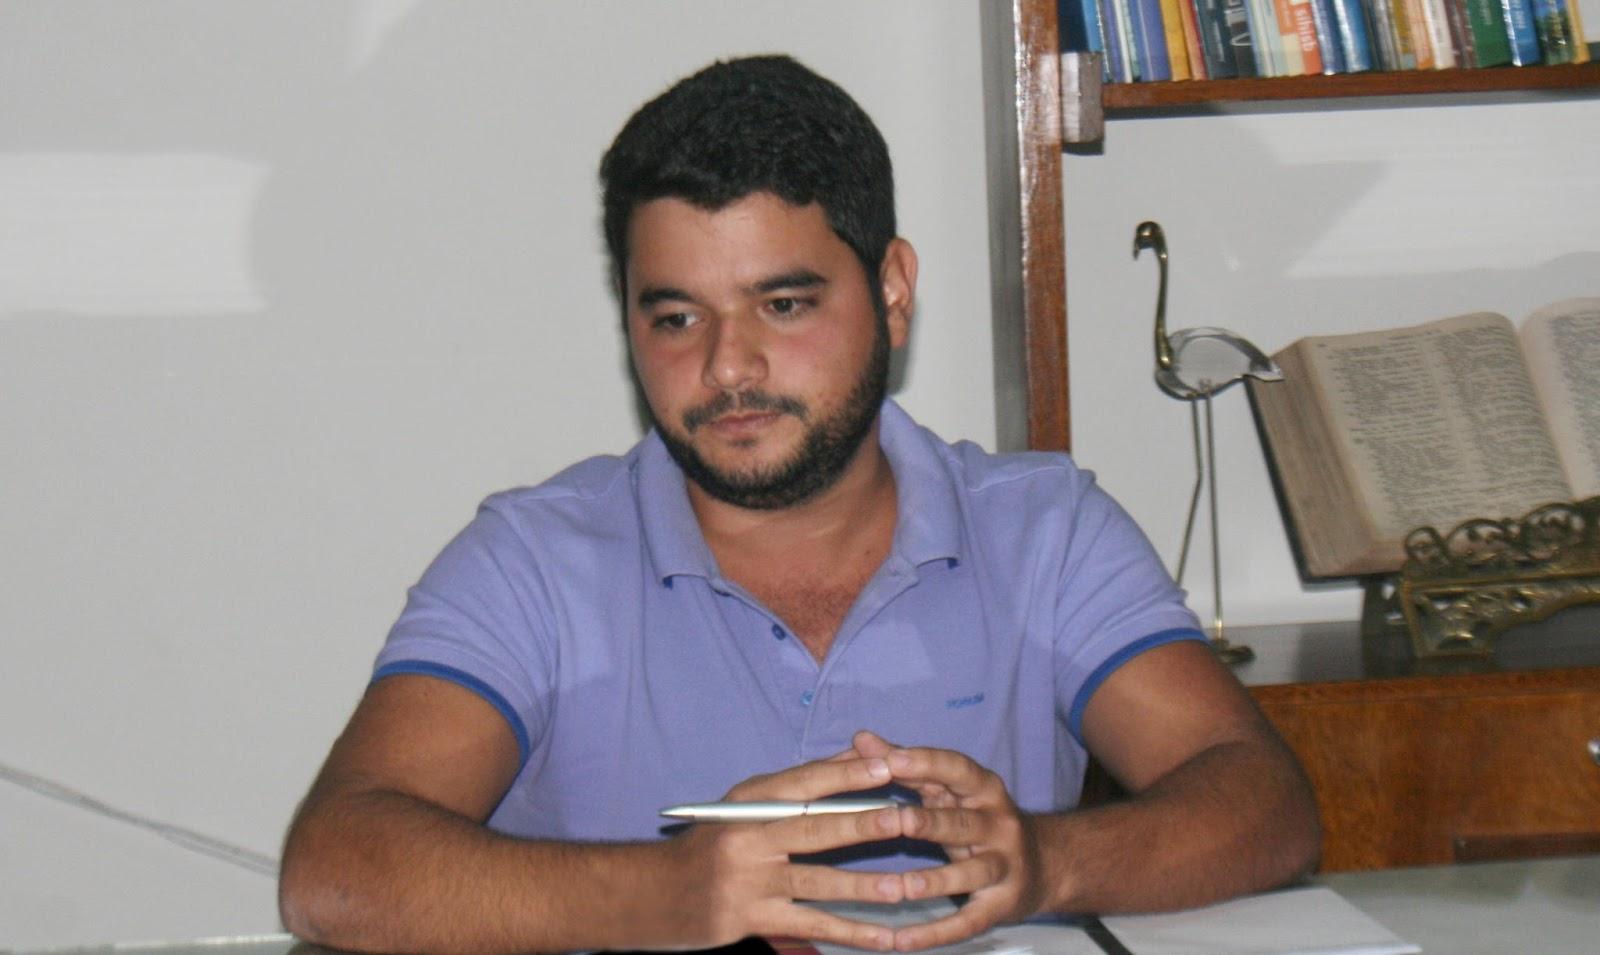 ITAPETINGA:PREFEITO RODRIGO HAGGE CONFIRMA PAGAMENTO DE SALÁRIO ATRASADO DIA 16 - Itapetinga Acontece